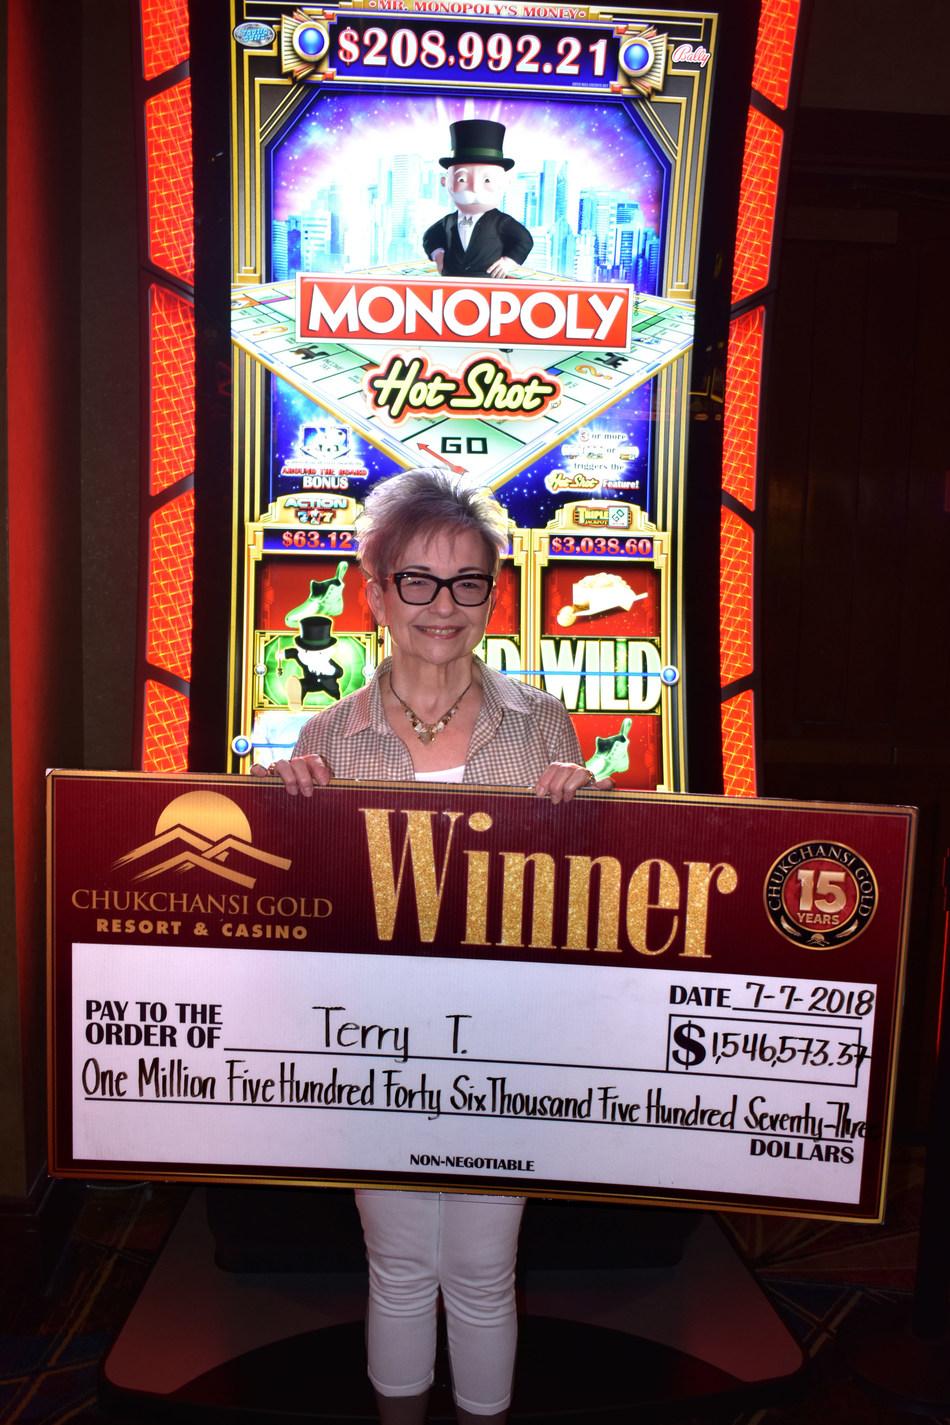 Best free spins online casino